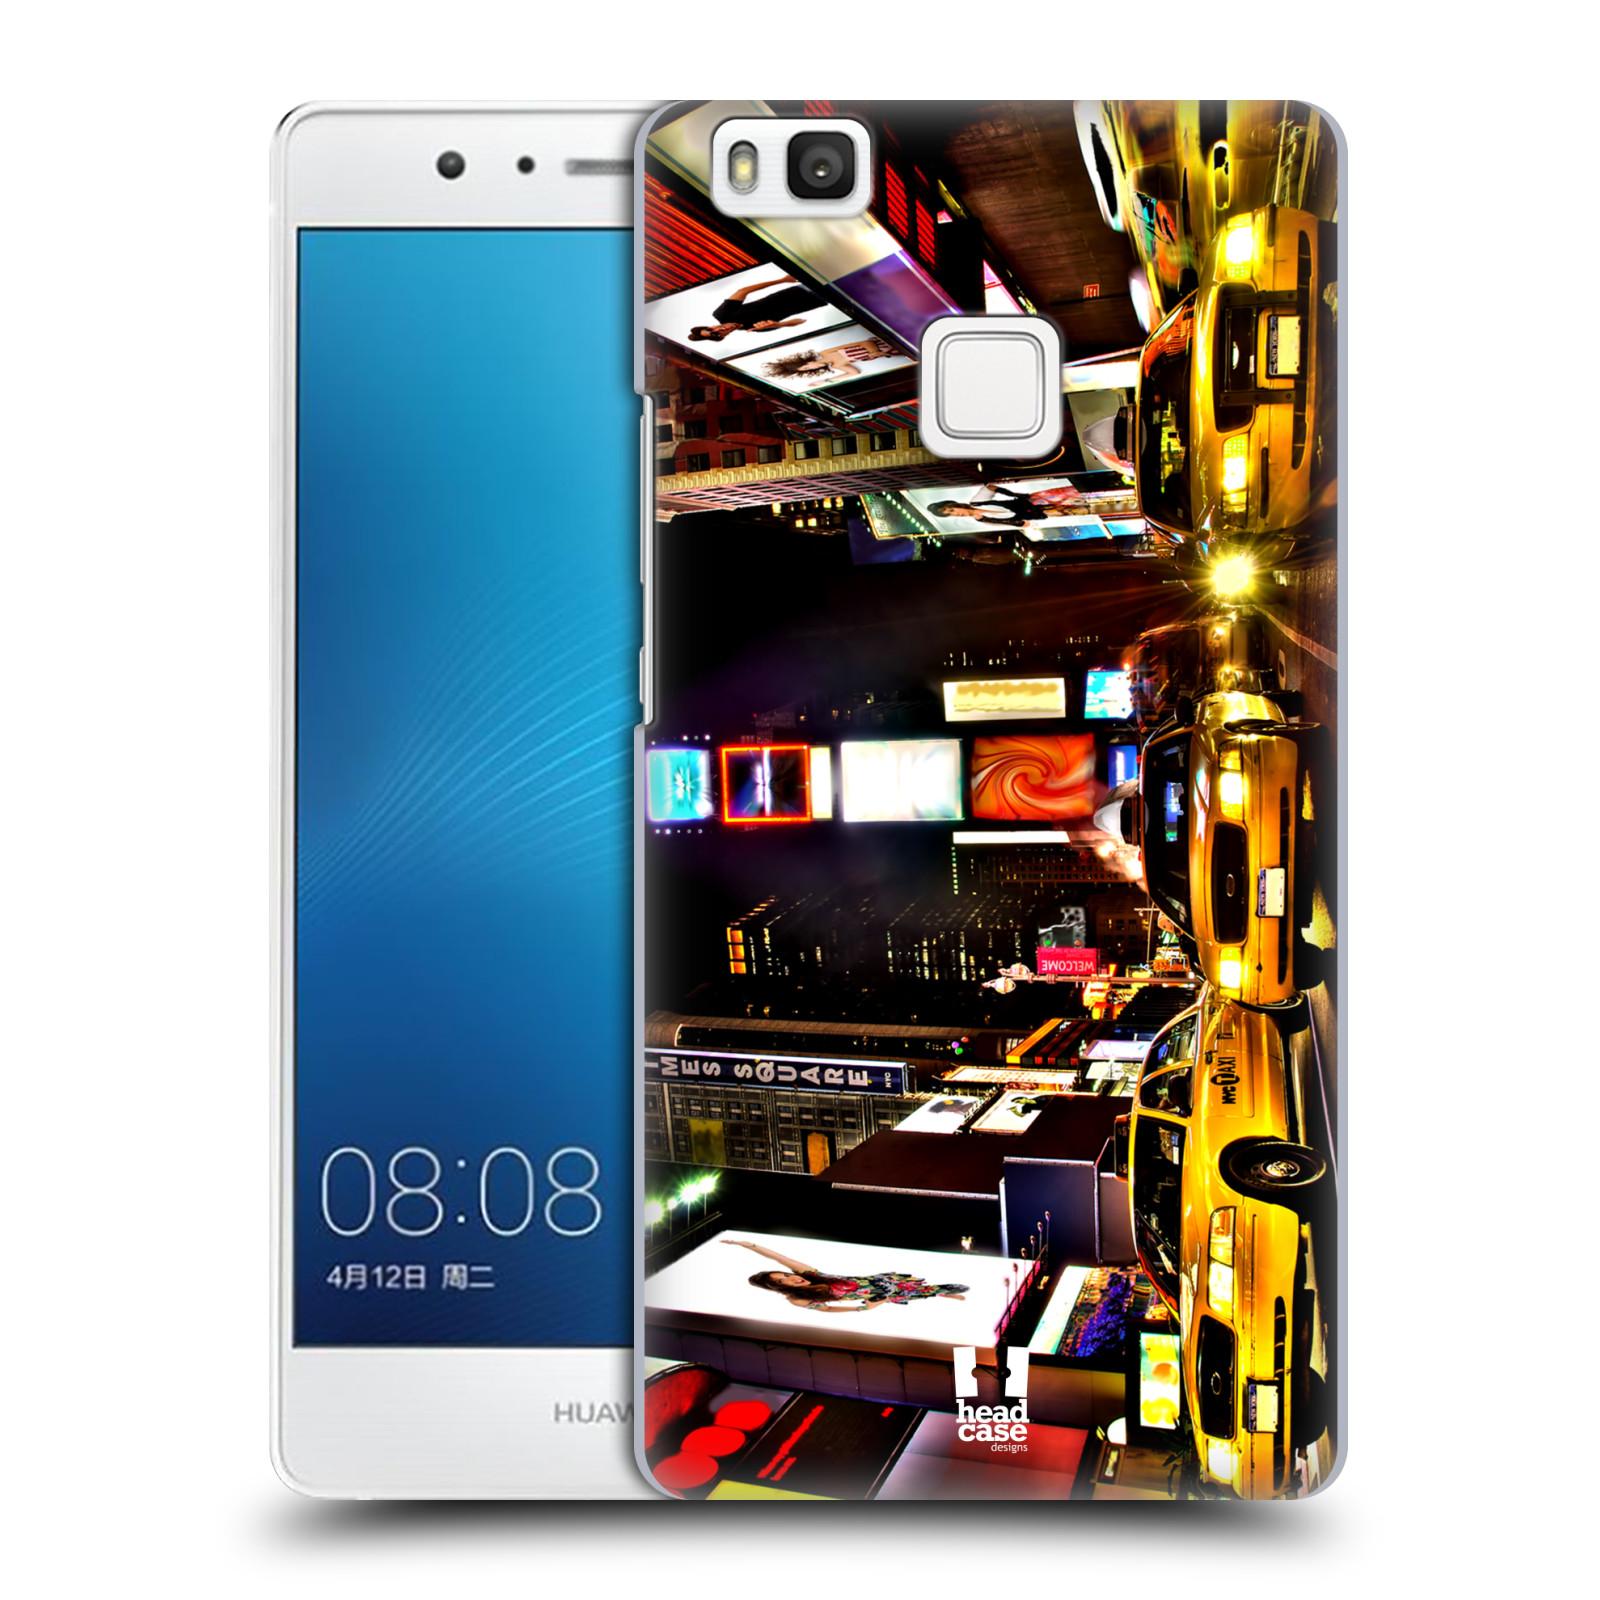 Plastové pouzdro na mobil Huawei P9 Lite HEAD CASE NEW YORK TIMES SQUARE